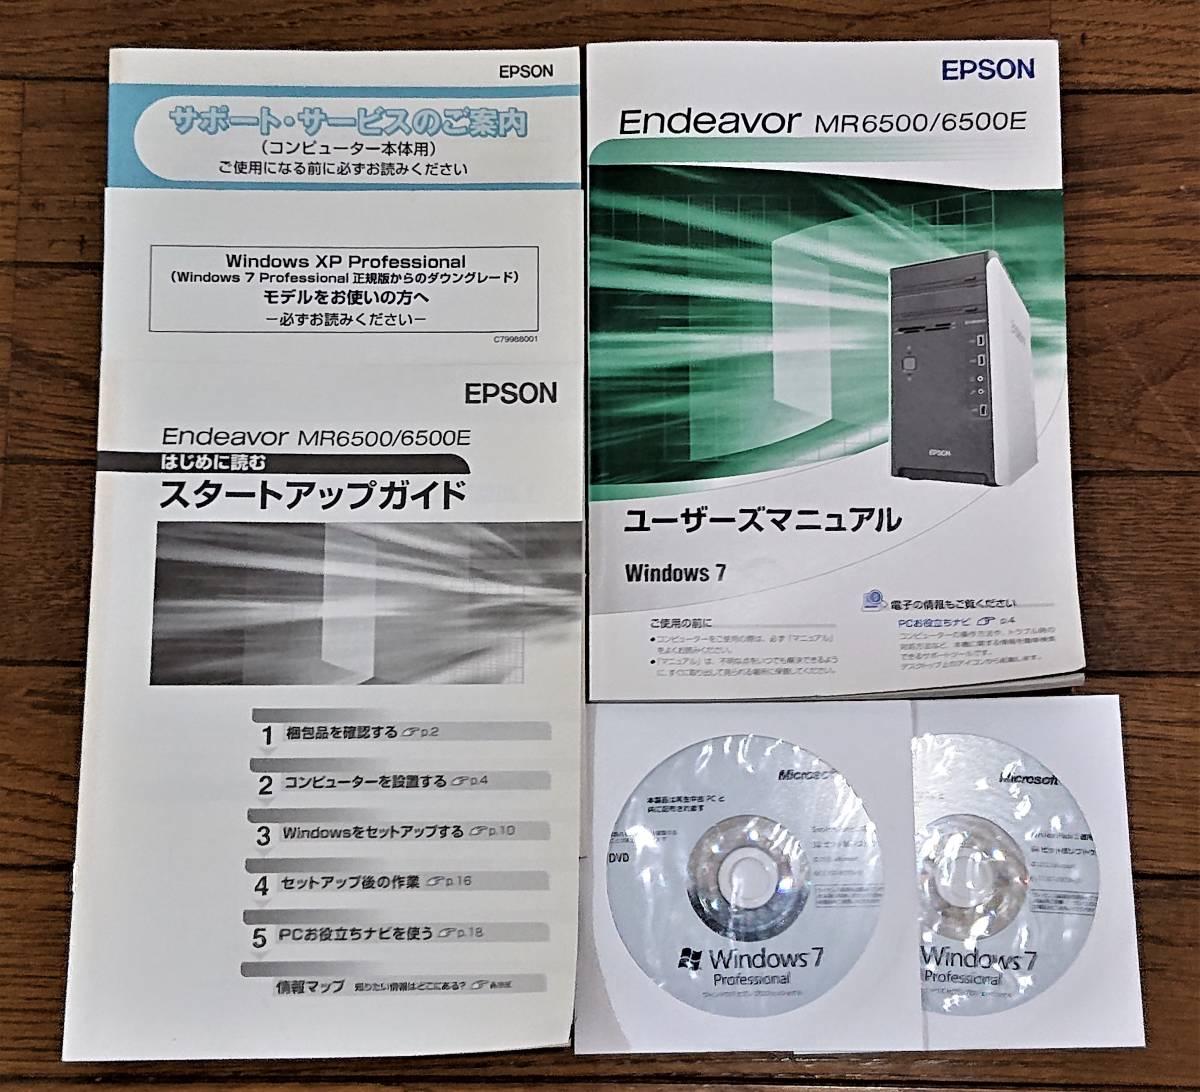 ★送料込★ EPSON Endeavor MR6500 Win10pro認証済 (i7 4GB SSD64G+HDD1000GB)_画像6